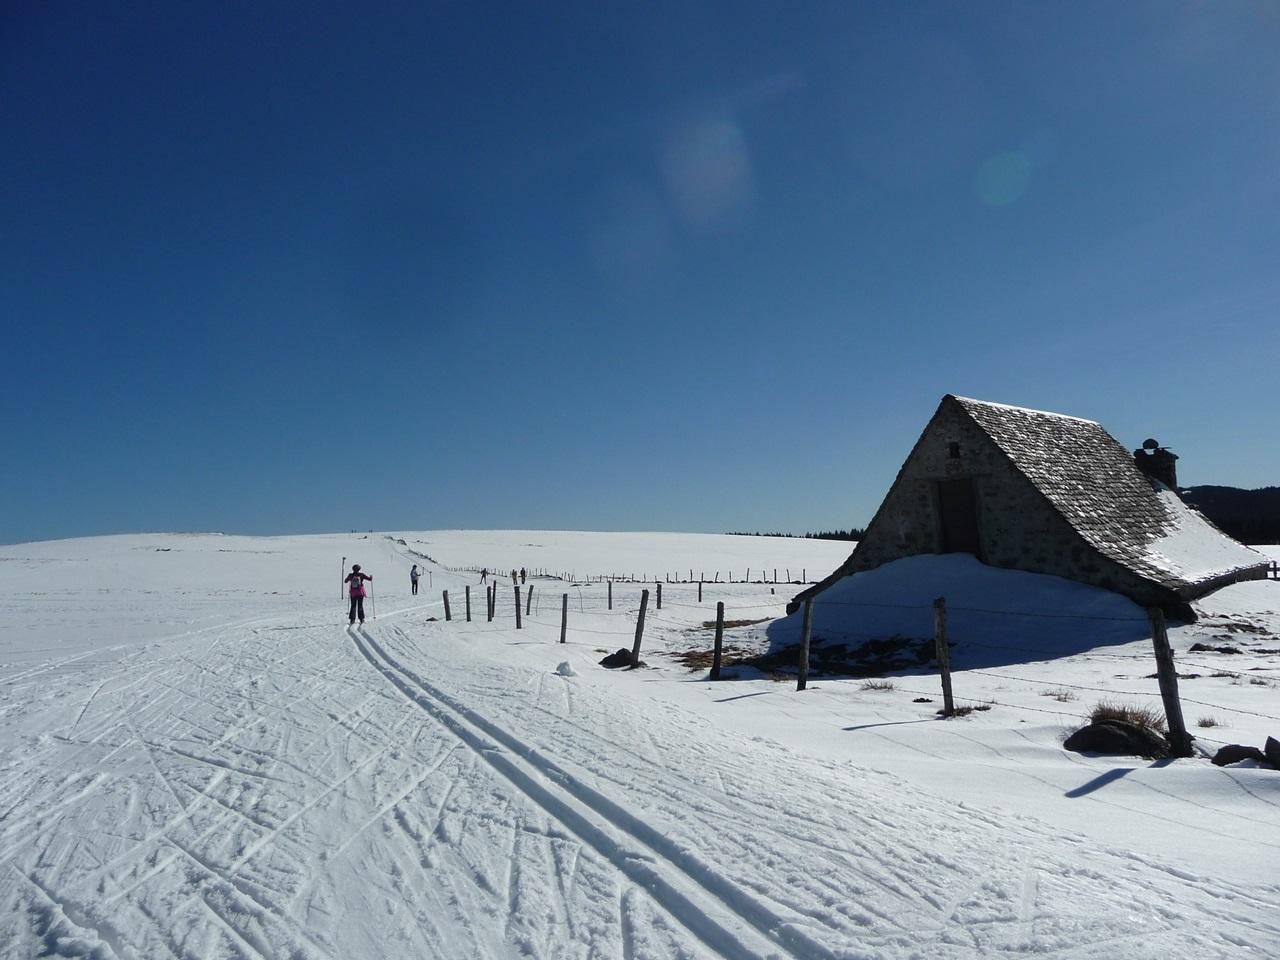 Station de sports d'hiver de Saint-Urcize-3